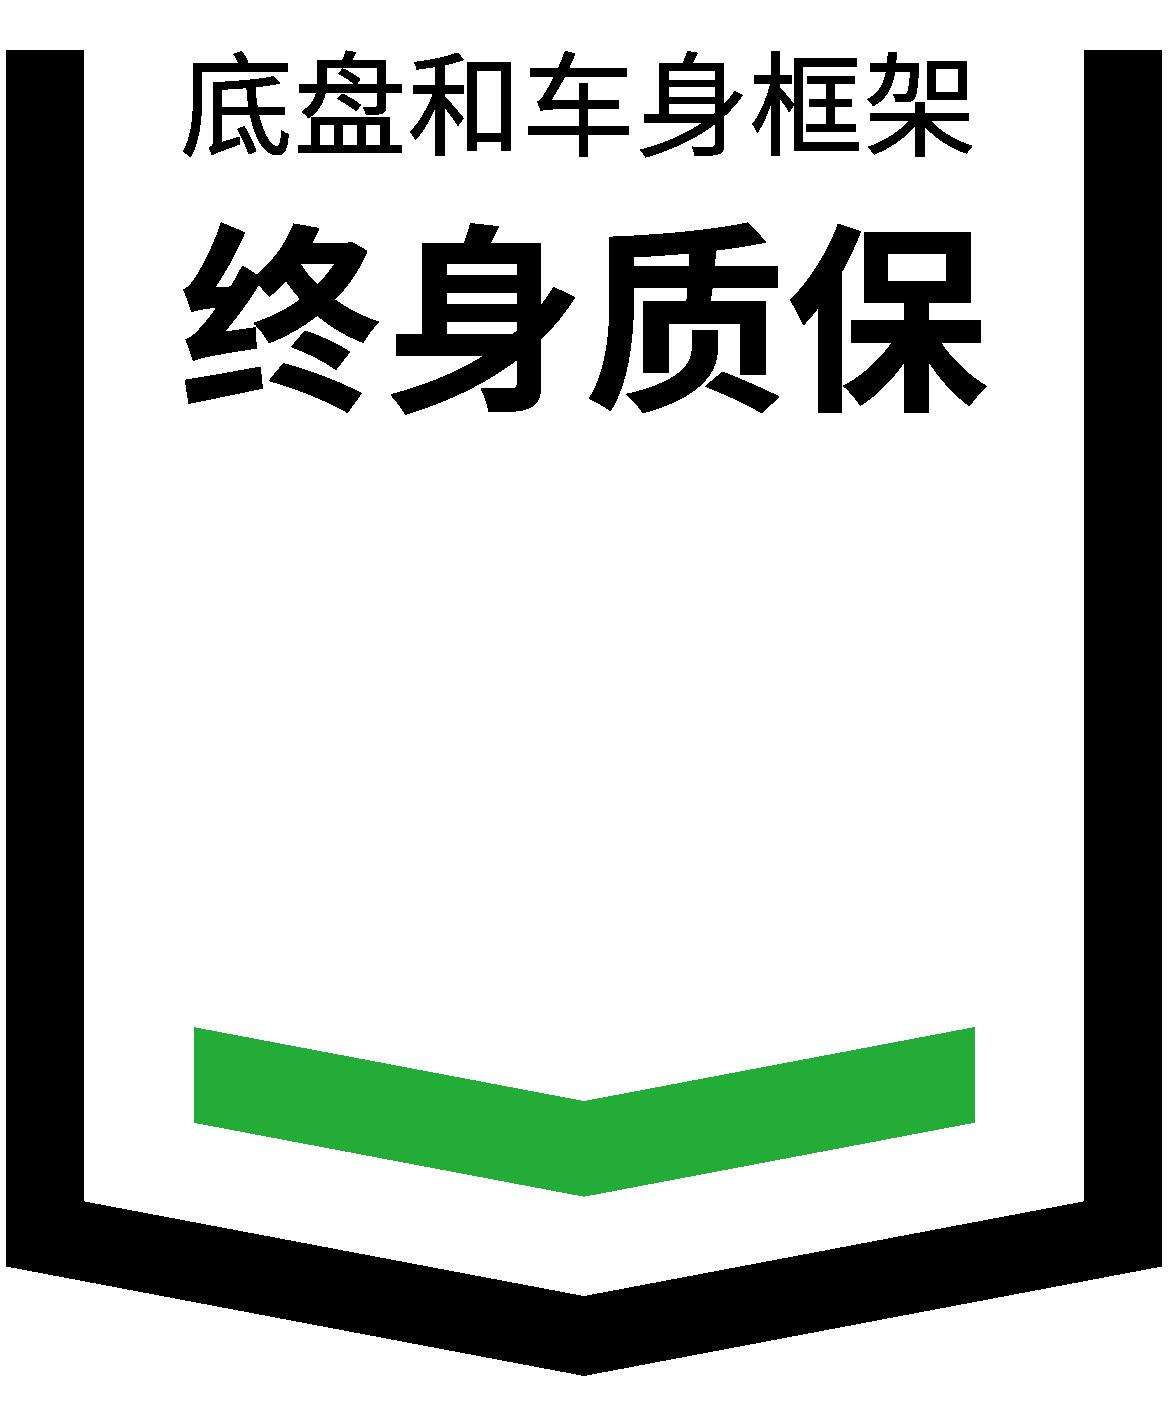 """越野房车领军品牌放大招 BlackSeries黑系房车推出""""终身质保"""""""